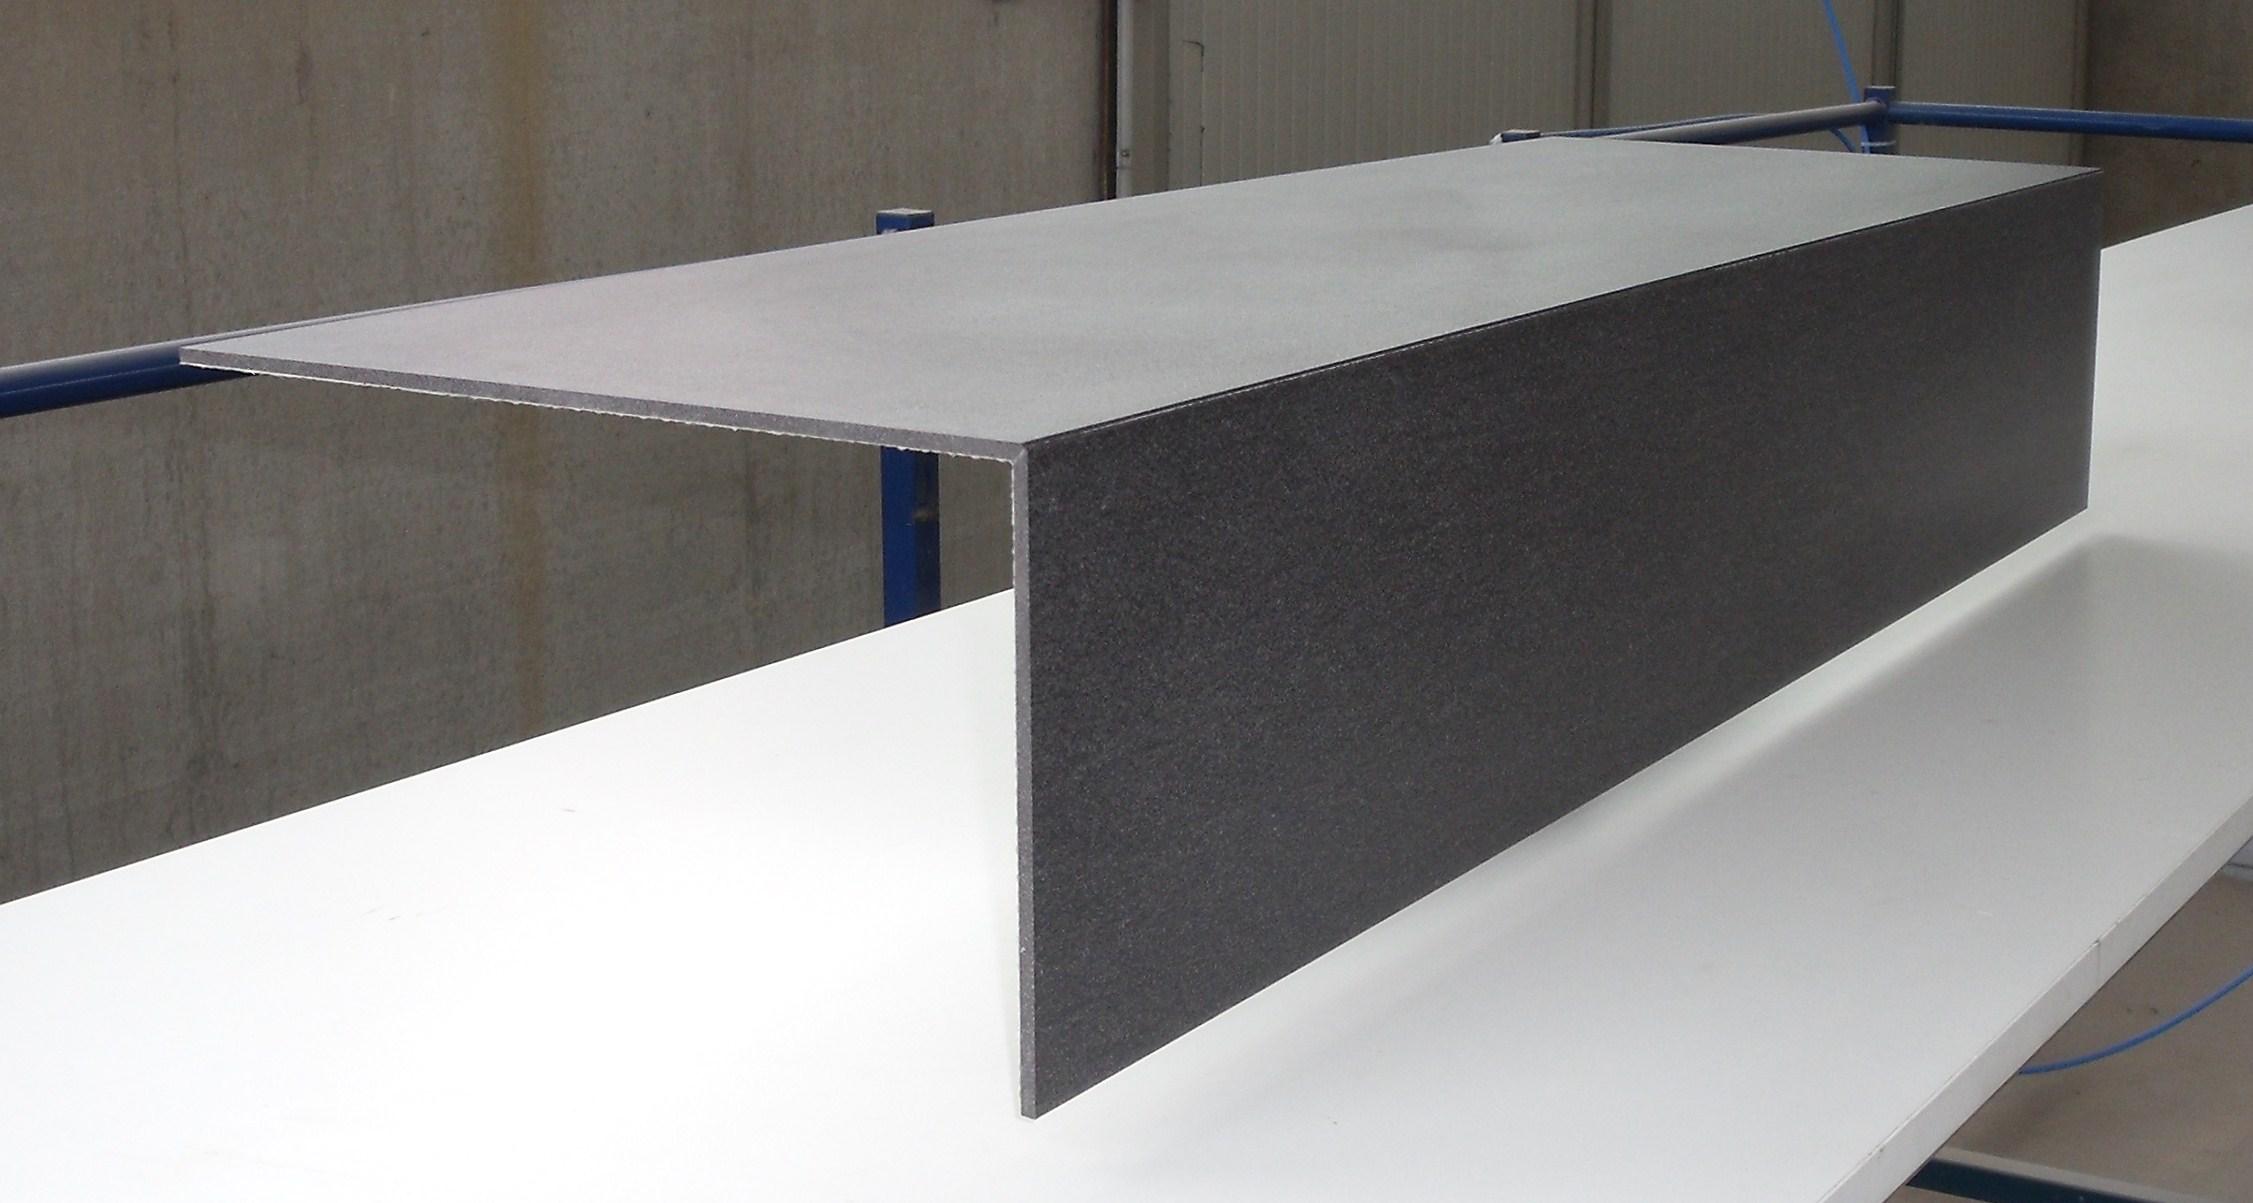 Gradini in gres porcellanato laminato giorgio ilari - Gradini in cemento per esterno ...